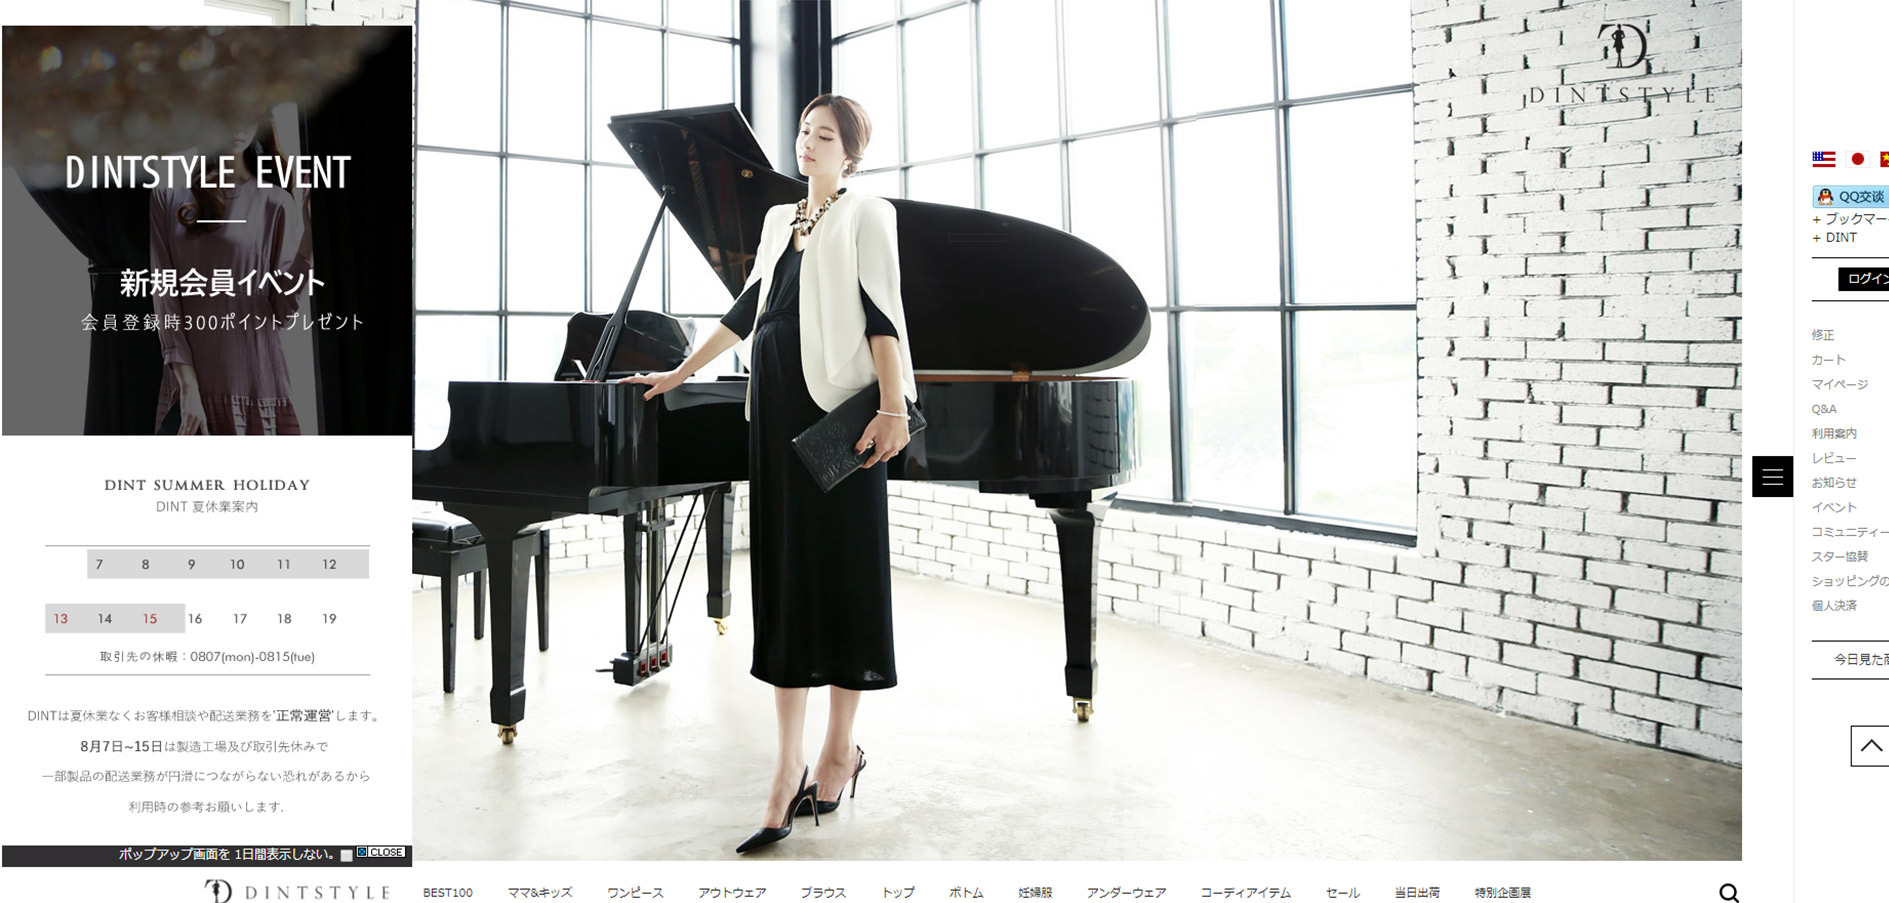 オシャレママのための韓国ファッション通販サイトMIAMASVIN(ミアマズビン)